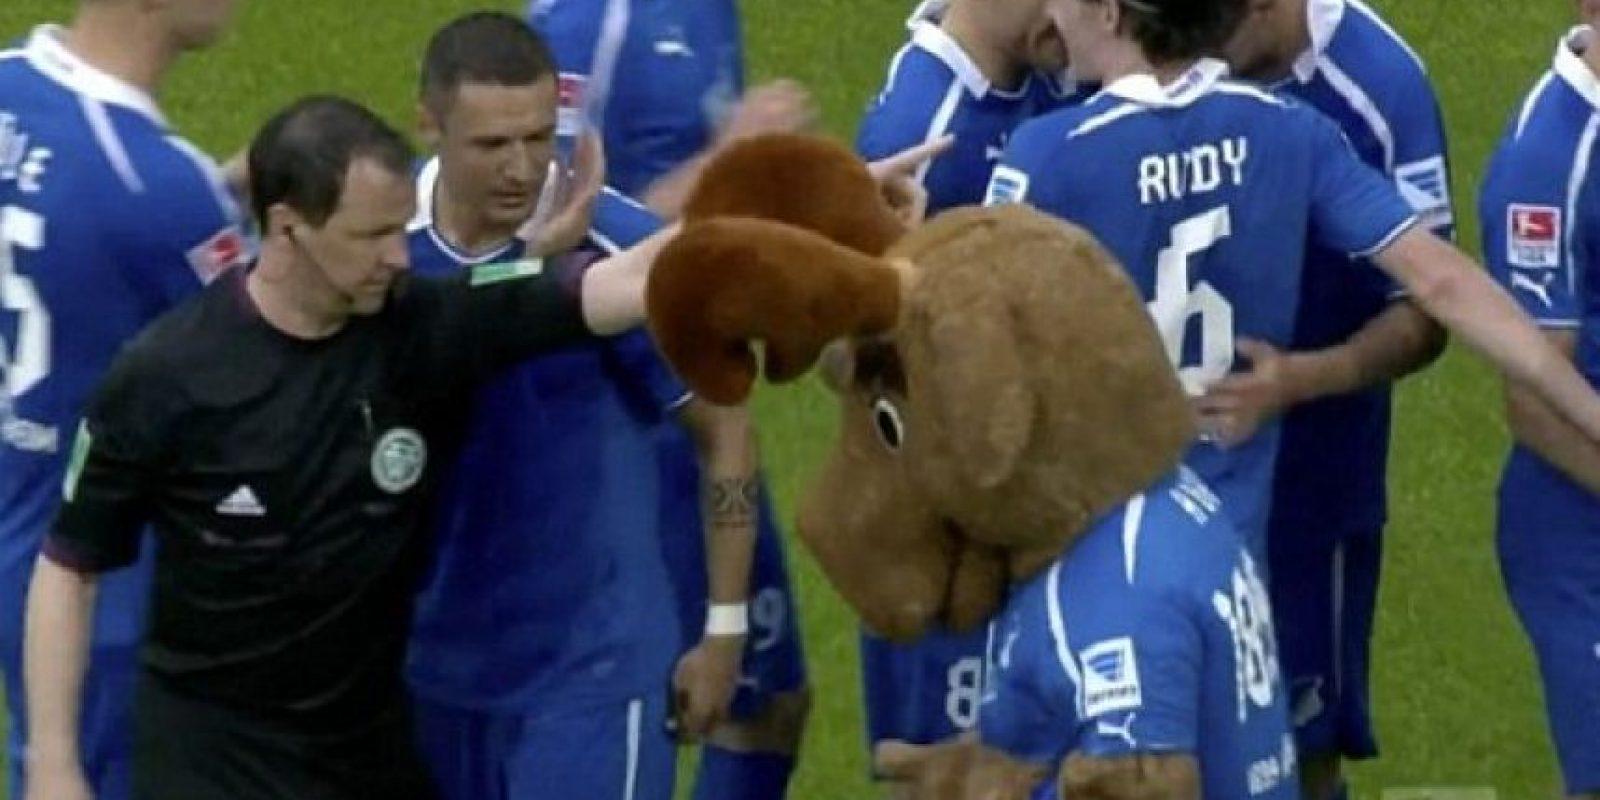 Hoffi el Alce, mascota del Hoffenheim, fue expulsado en 2014 por celebrar muy efusivamente un gol de su equipo. Foto:Tomada de dailymail.co.uk